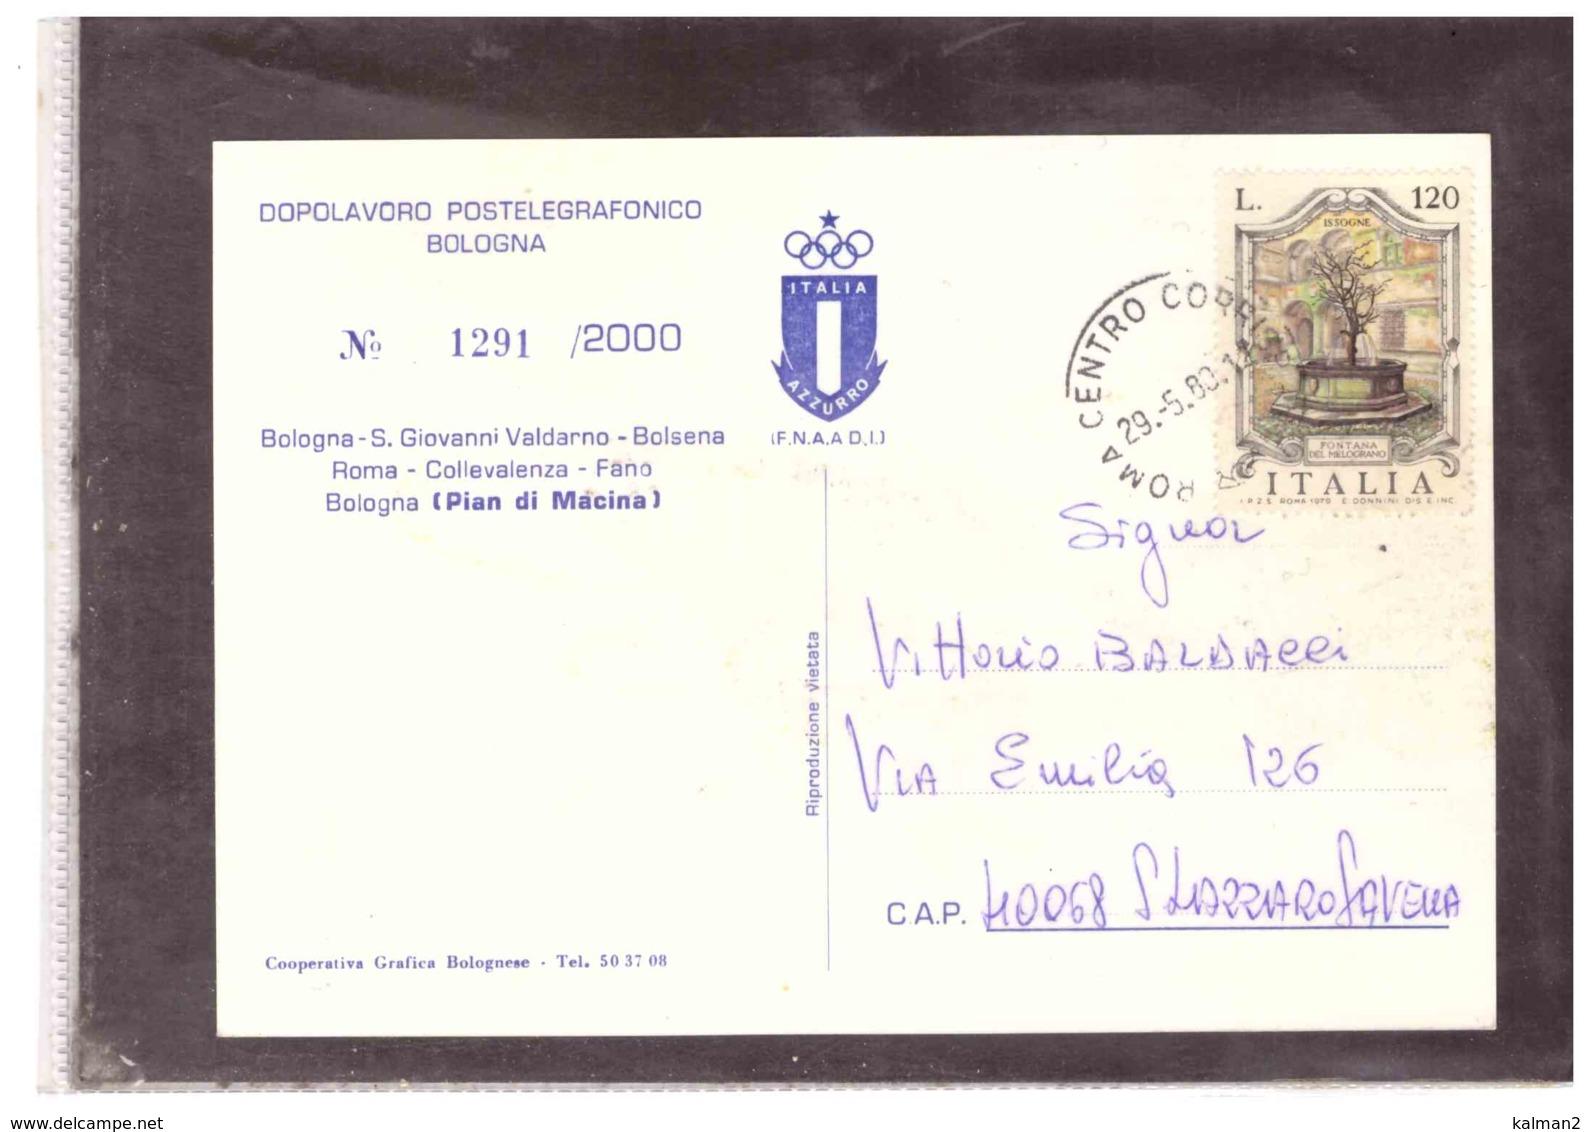 TEM4364   -   RAID - CICLOTURISTICO  BOLOGNA - ROMA - BOLOGNA   /    ROMA  29.5.1980 - Ciclismo